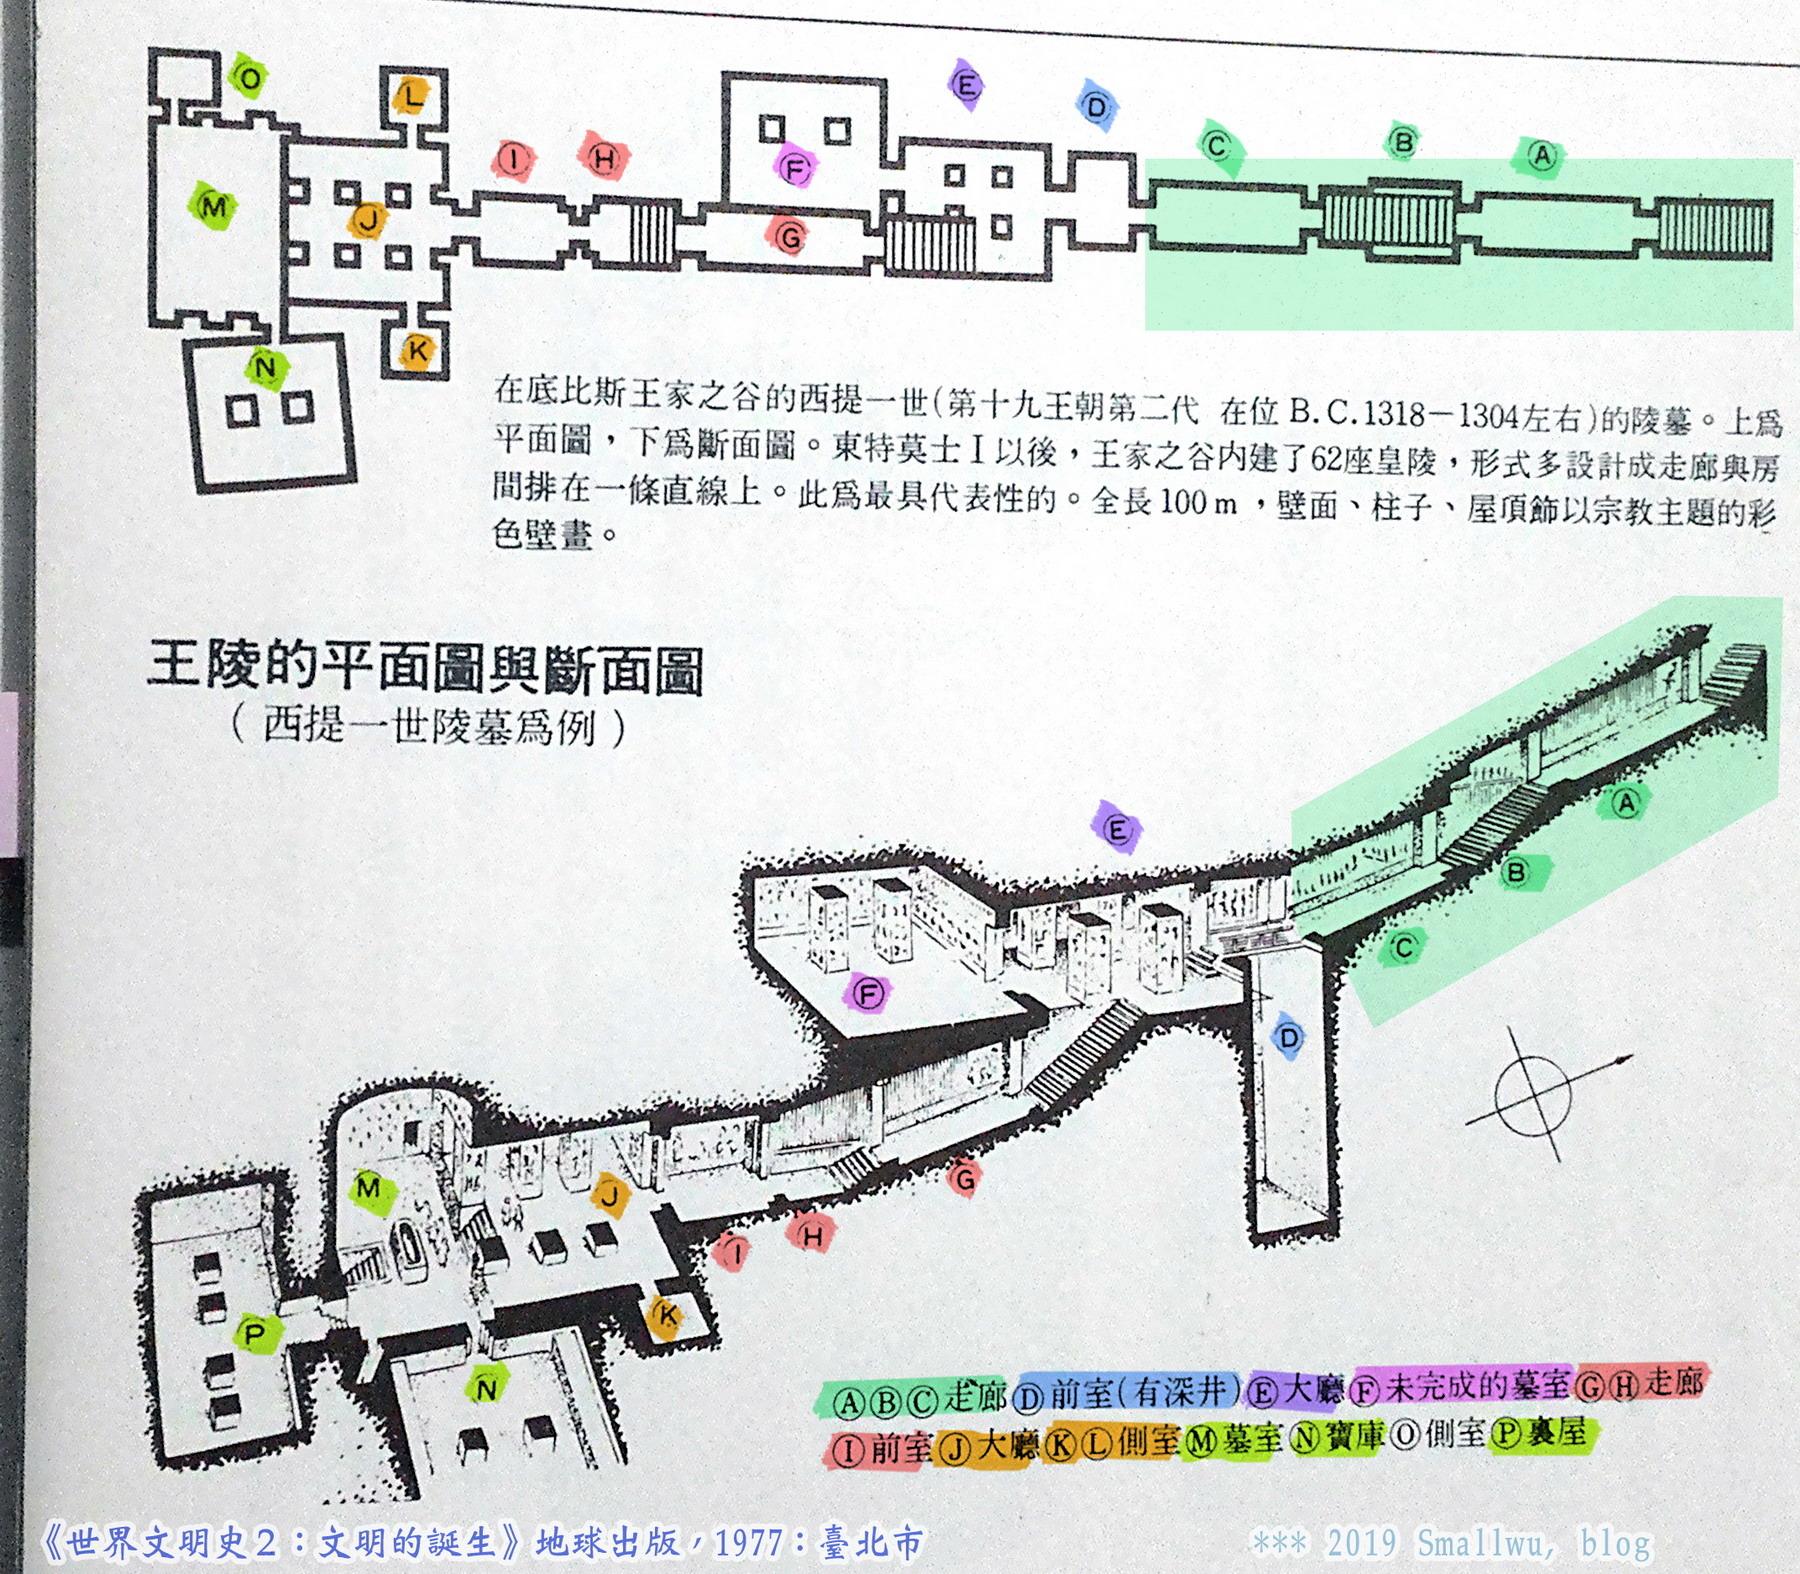 世界文明史2-文明的誕生-14 帝王谷王陵 斷面圖.jpg